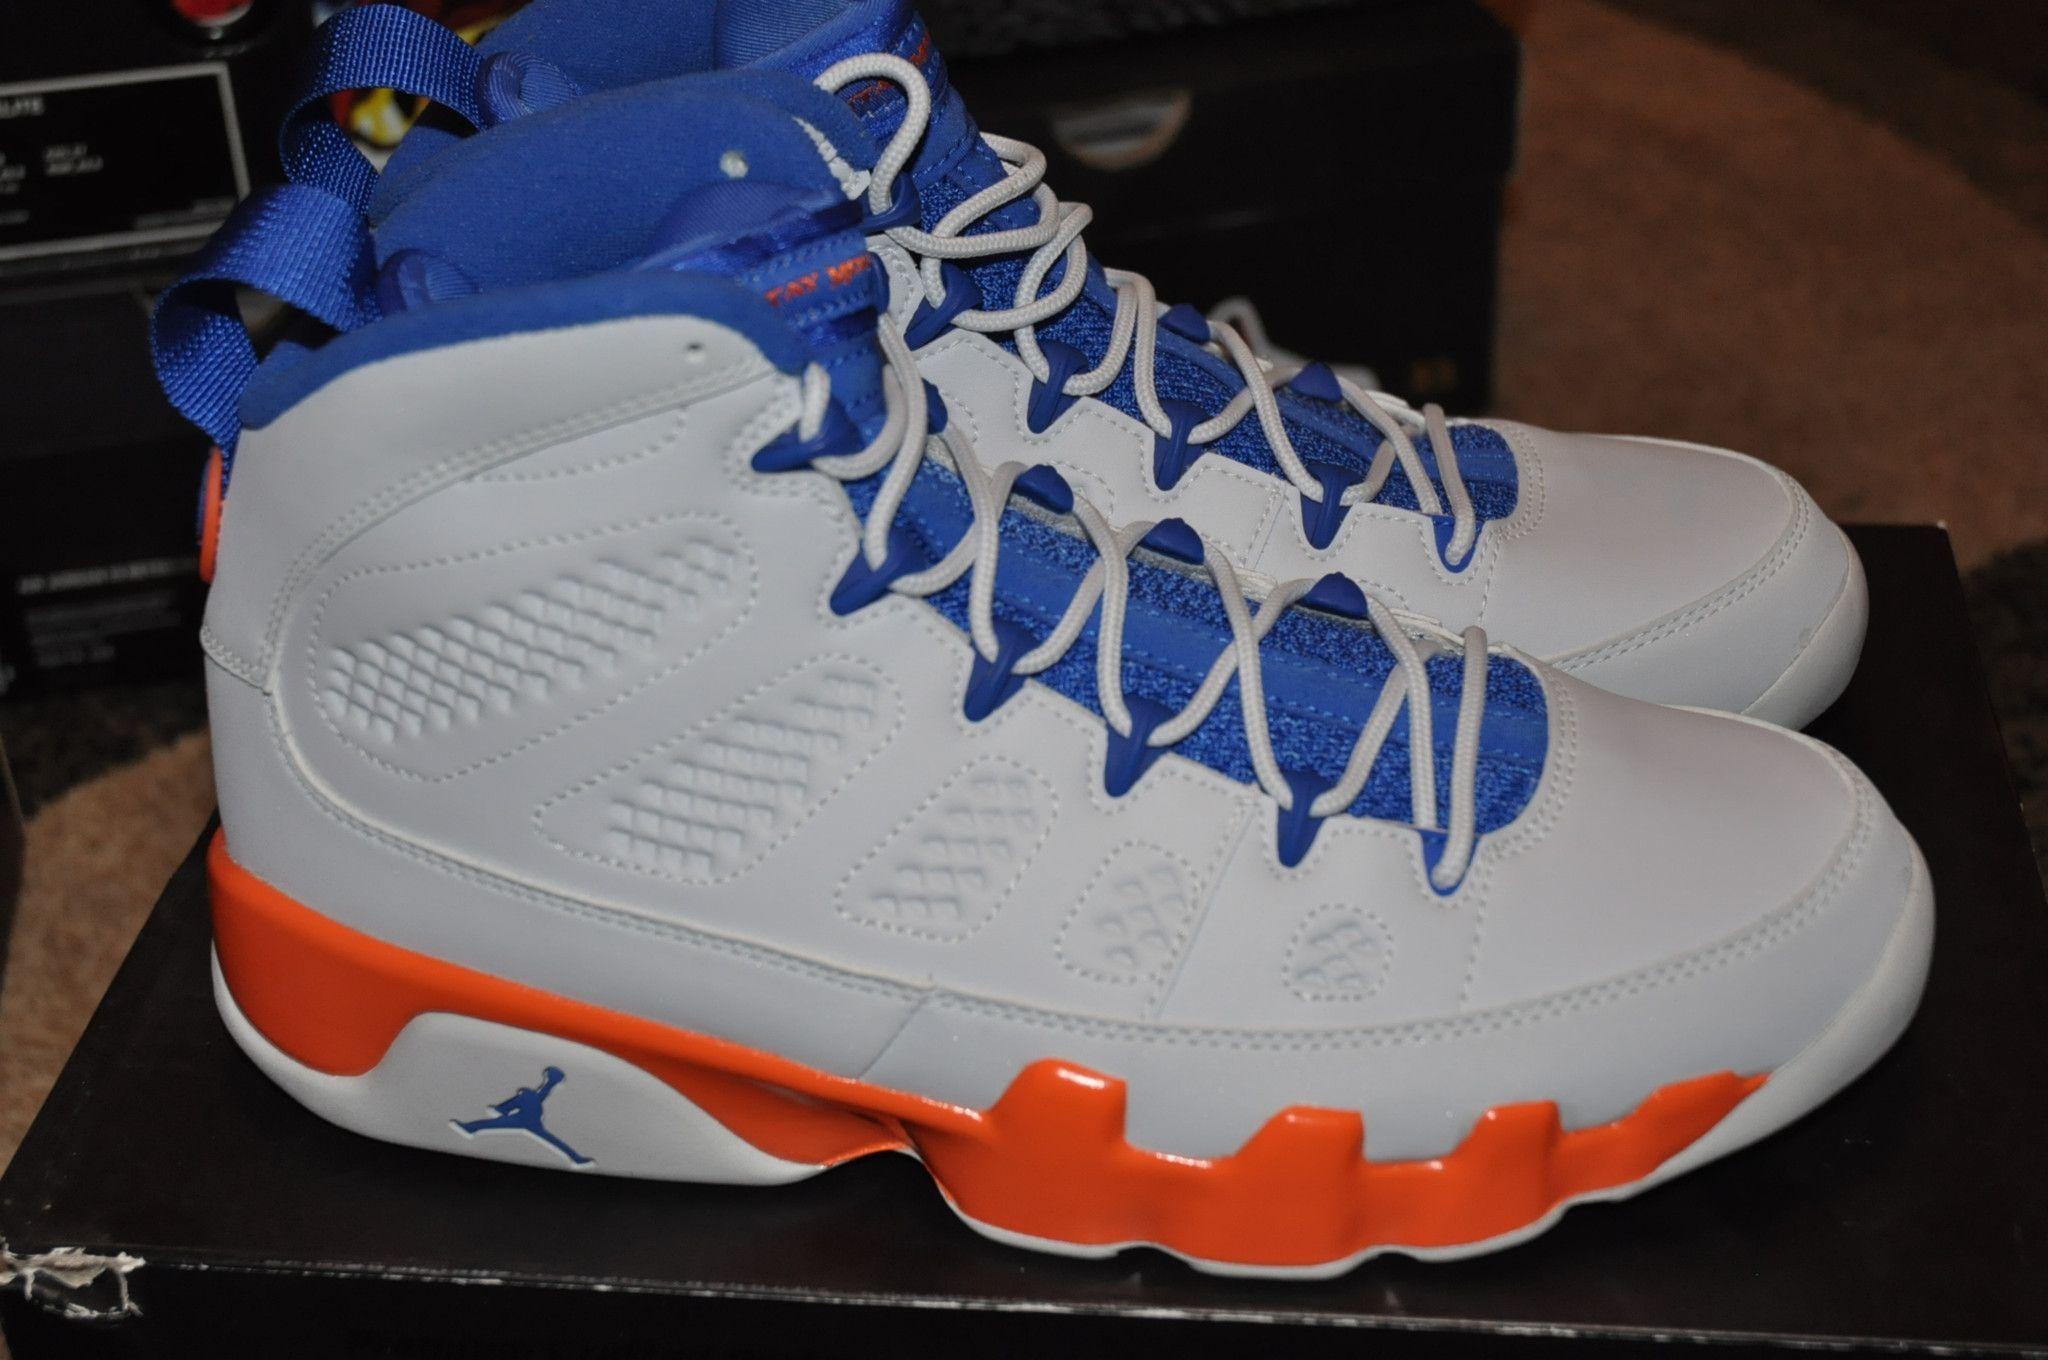 promo code ac2d1 6af17 Selling Jordan 9